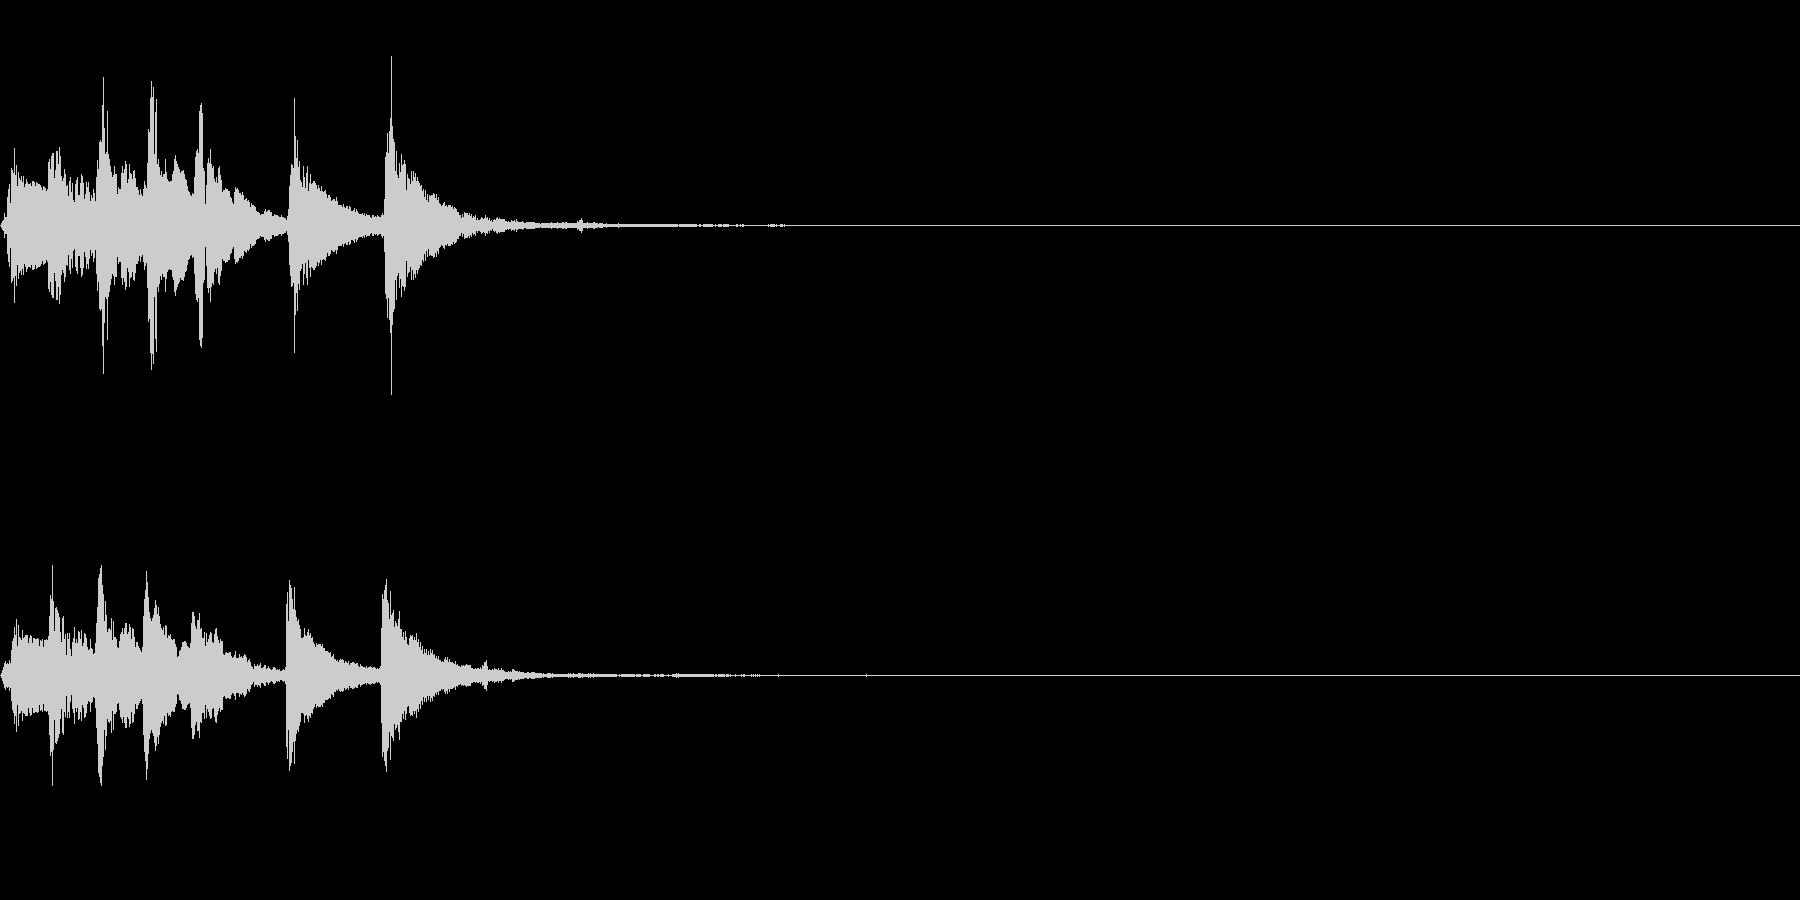 場面転換用~明るいマリンバのフレーズ~の未再生の波形